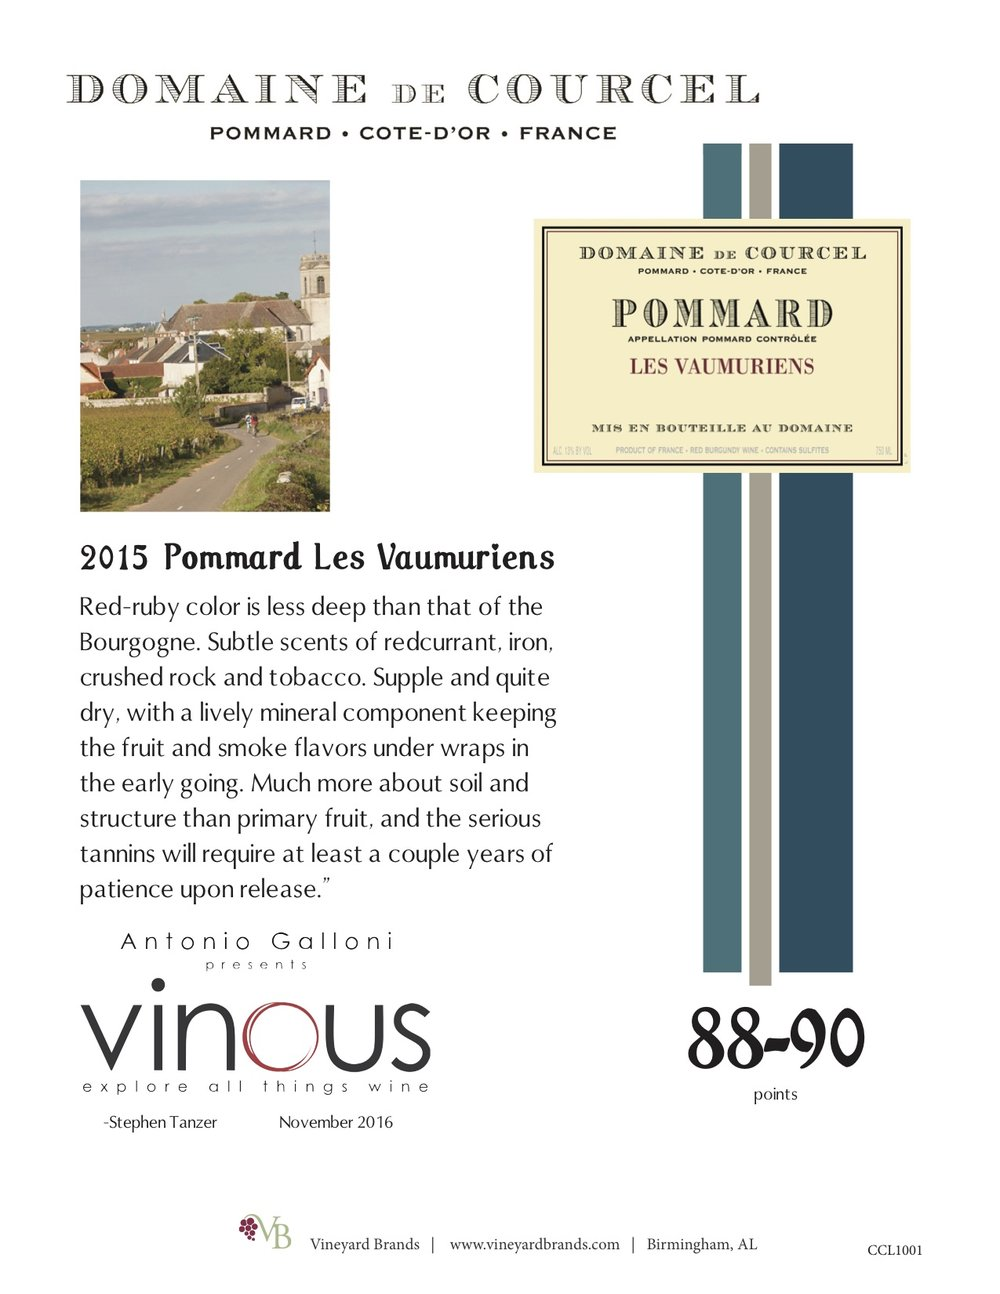 Domaine de Courcel 2015 Pommard Les Vaumuriens.jpg